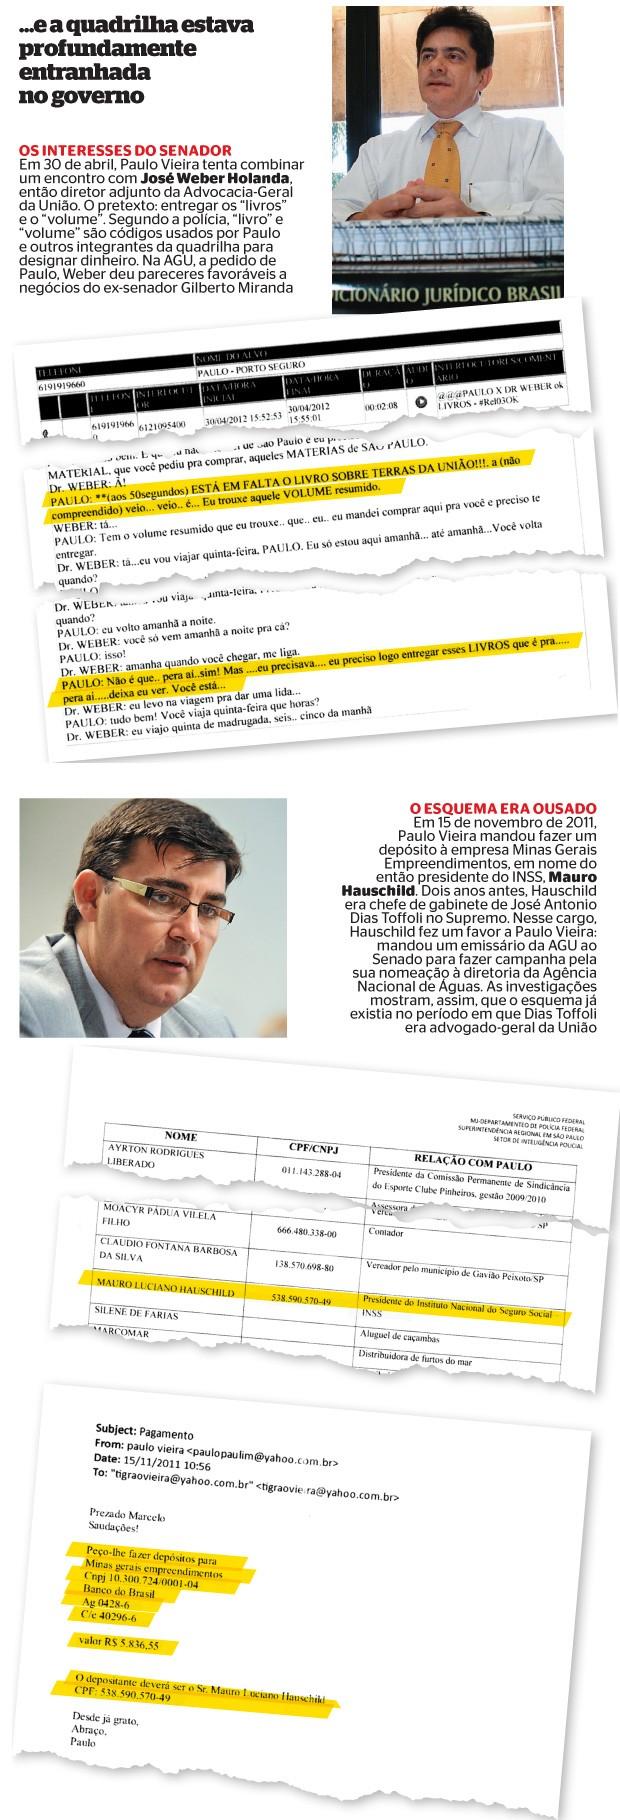 ... e a quadrilha estava profundamente entranhada no governo (Foto: Hiram Vargas/Esp. CB/D.A Press e ABR)